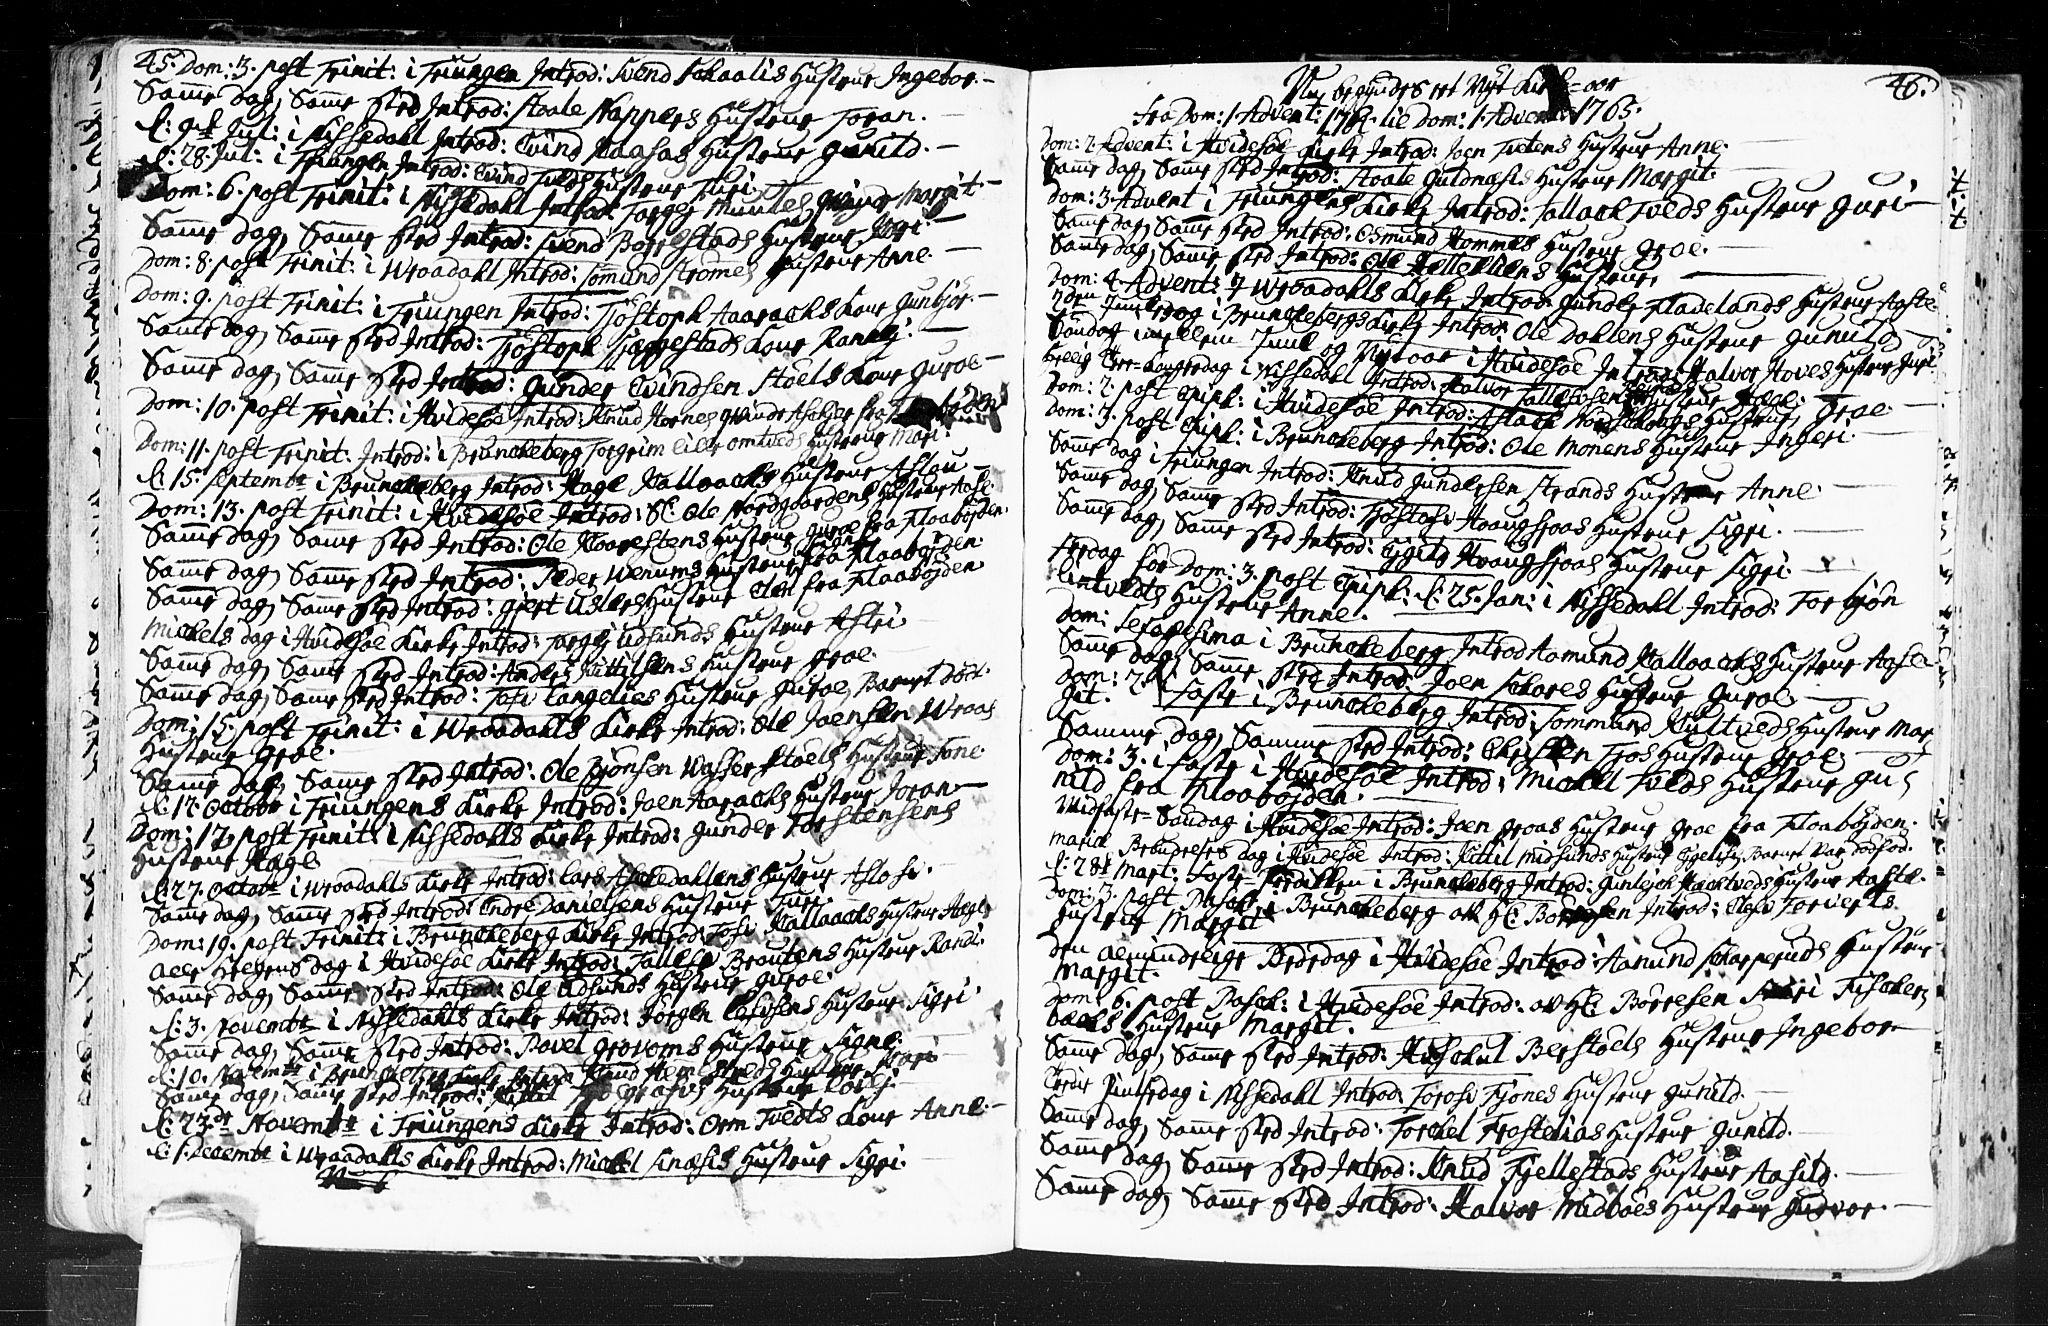 SAKO, Kviteseid kirkebøker, F/Fa/L0001: Ministerialbok nr. I 1, 1754-1773, s. 45-46